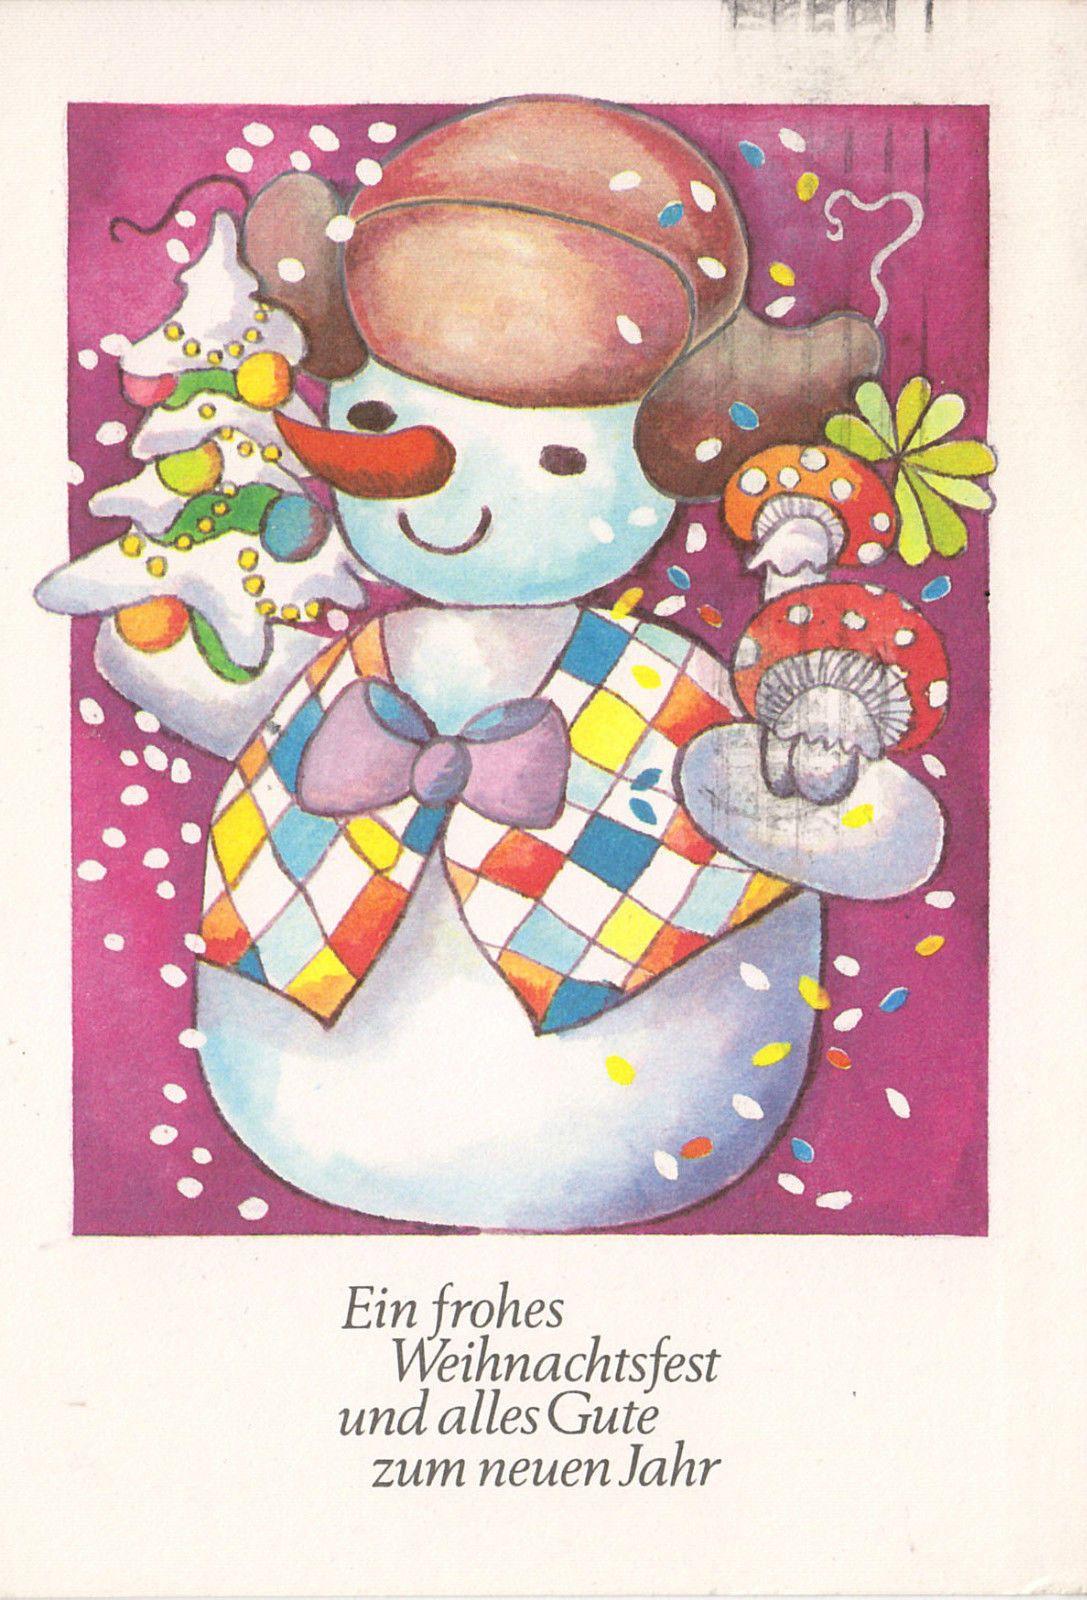 Weihnachten - Schneemann (1) - L. Detlefsen, 1982 | eBay